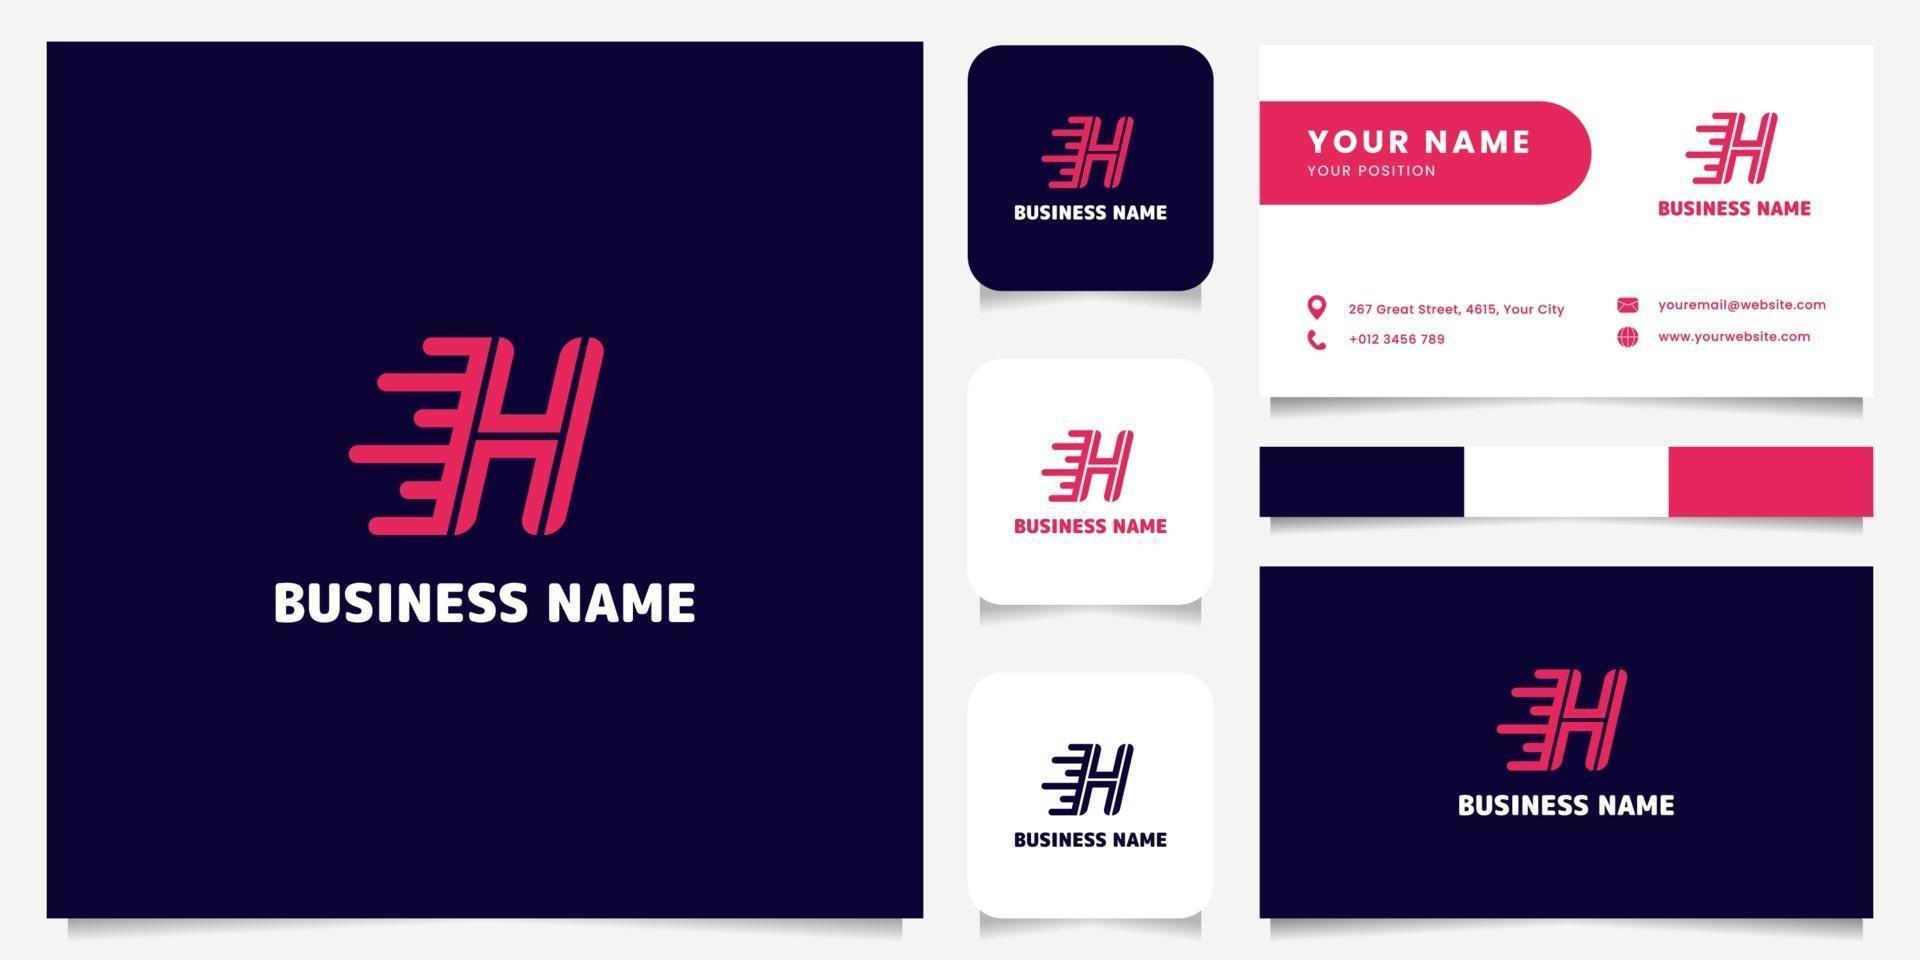 einfaches und minimalistisches hellrosa Buchstaben-h-Geschwindigkeitslogo im dunklen Hintergrundlogo mit Visitenkartenschablone vektor